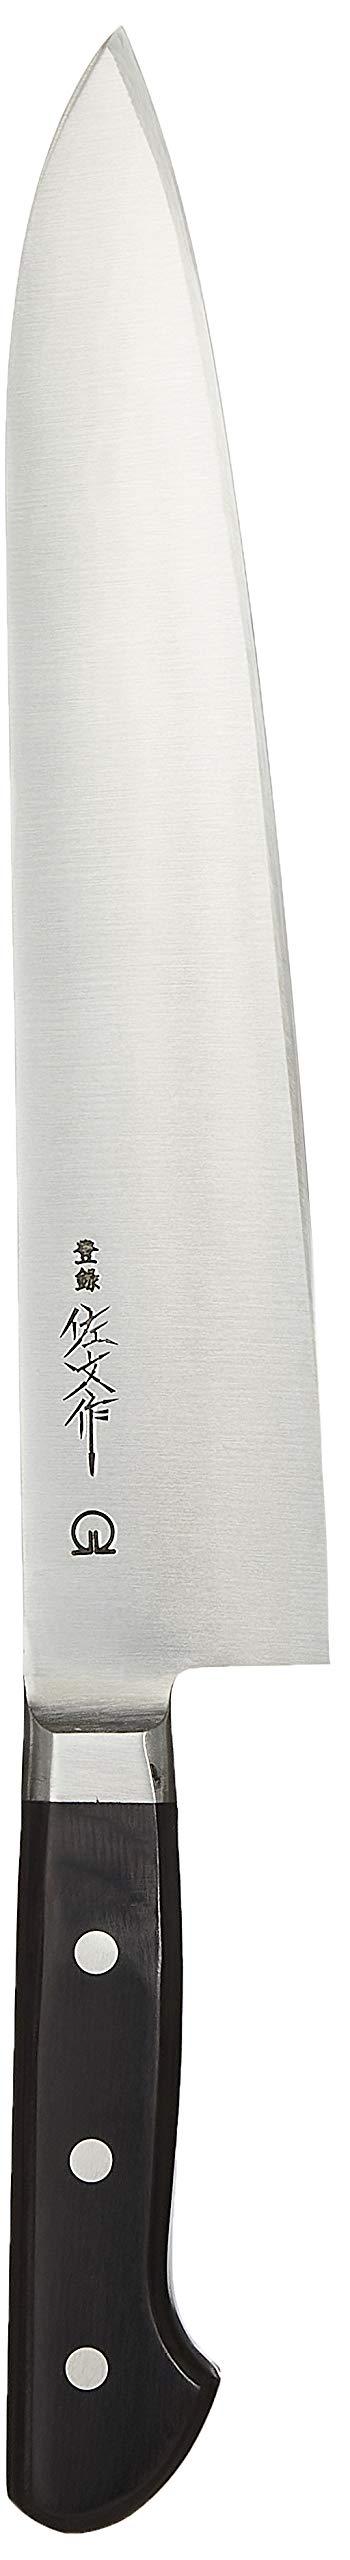 SA Sabun ( all steel ) Gyuto 27cm